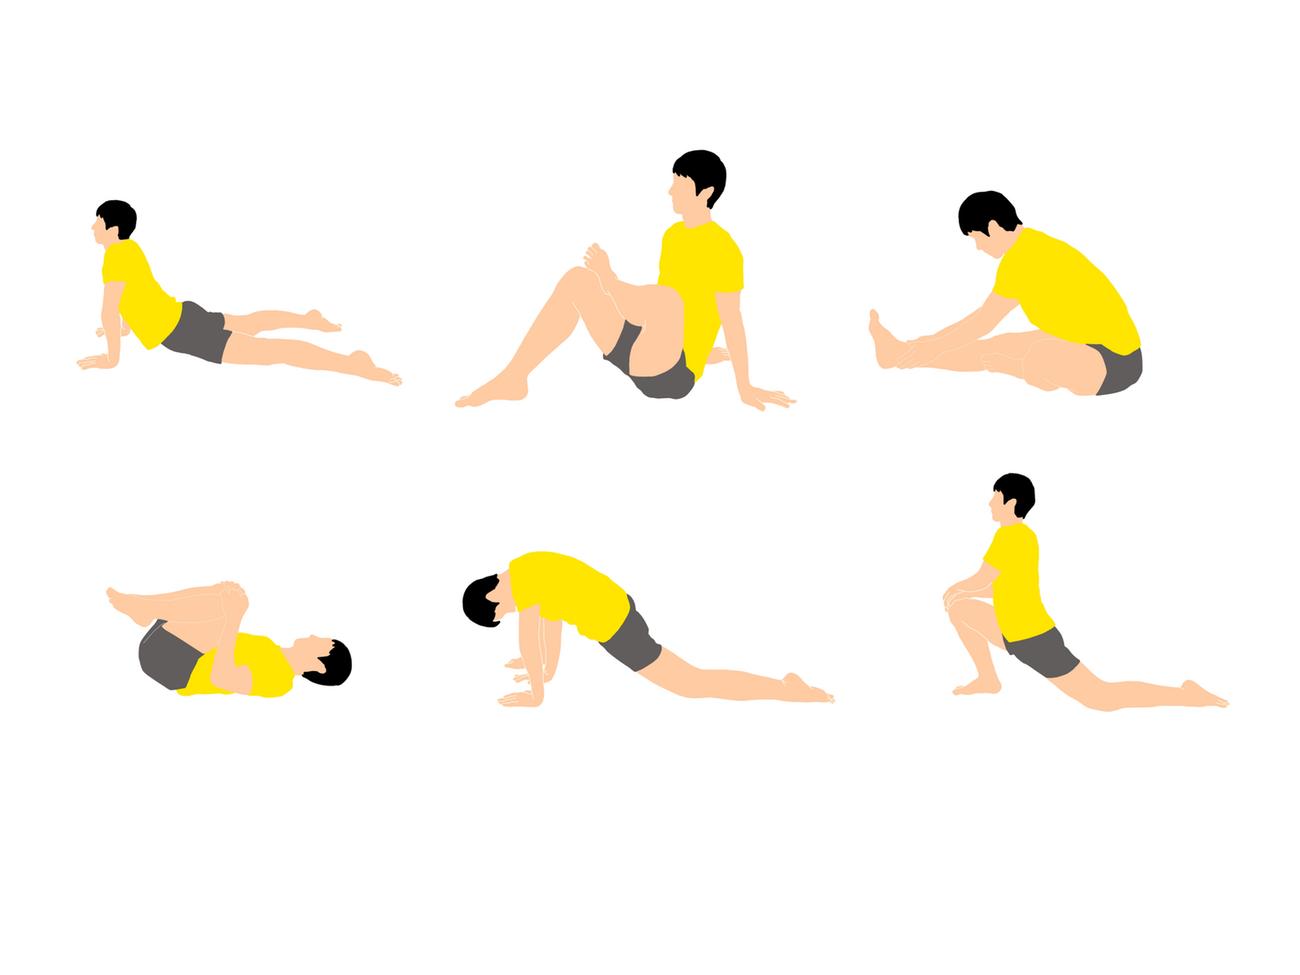 骨盤の前傾と後傾を柔らかくするためのストレッチプログラム